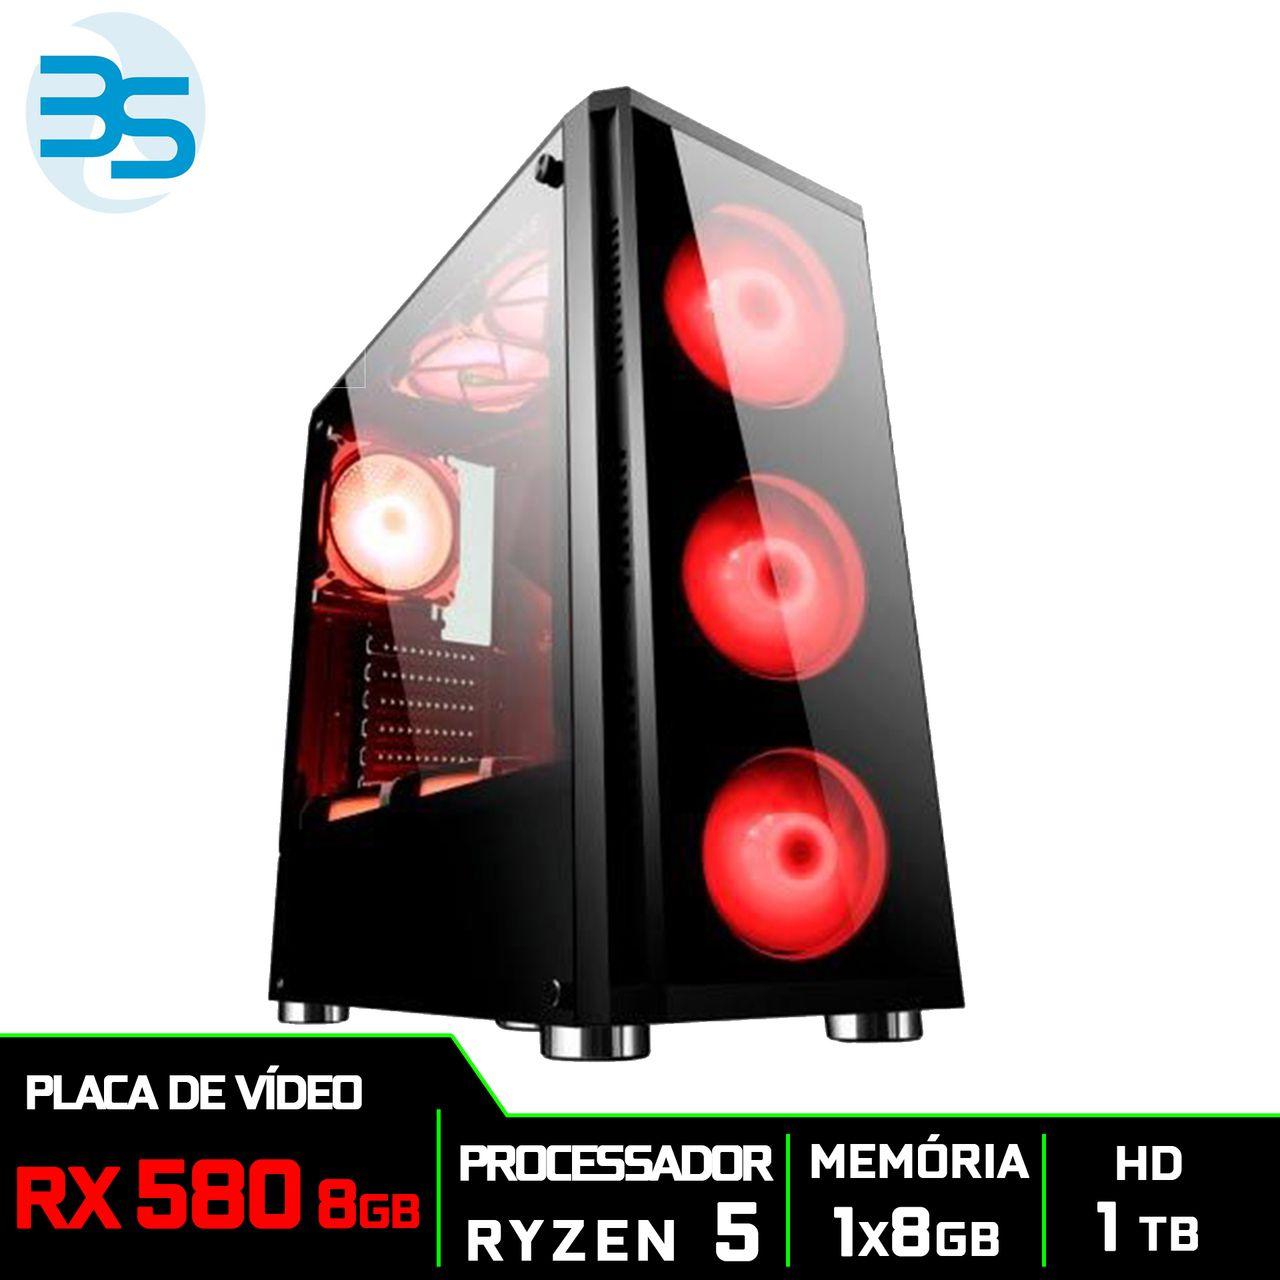 Computador Gamer AMD Ryzen 5 2600, HD 1TB, 8GB DDR4, 500W, RX 580 8GB